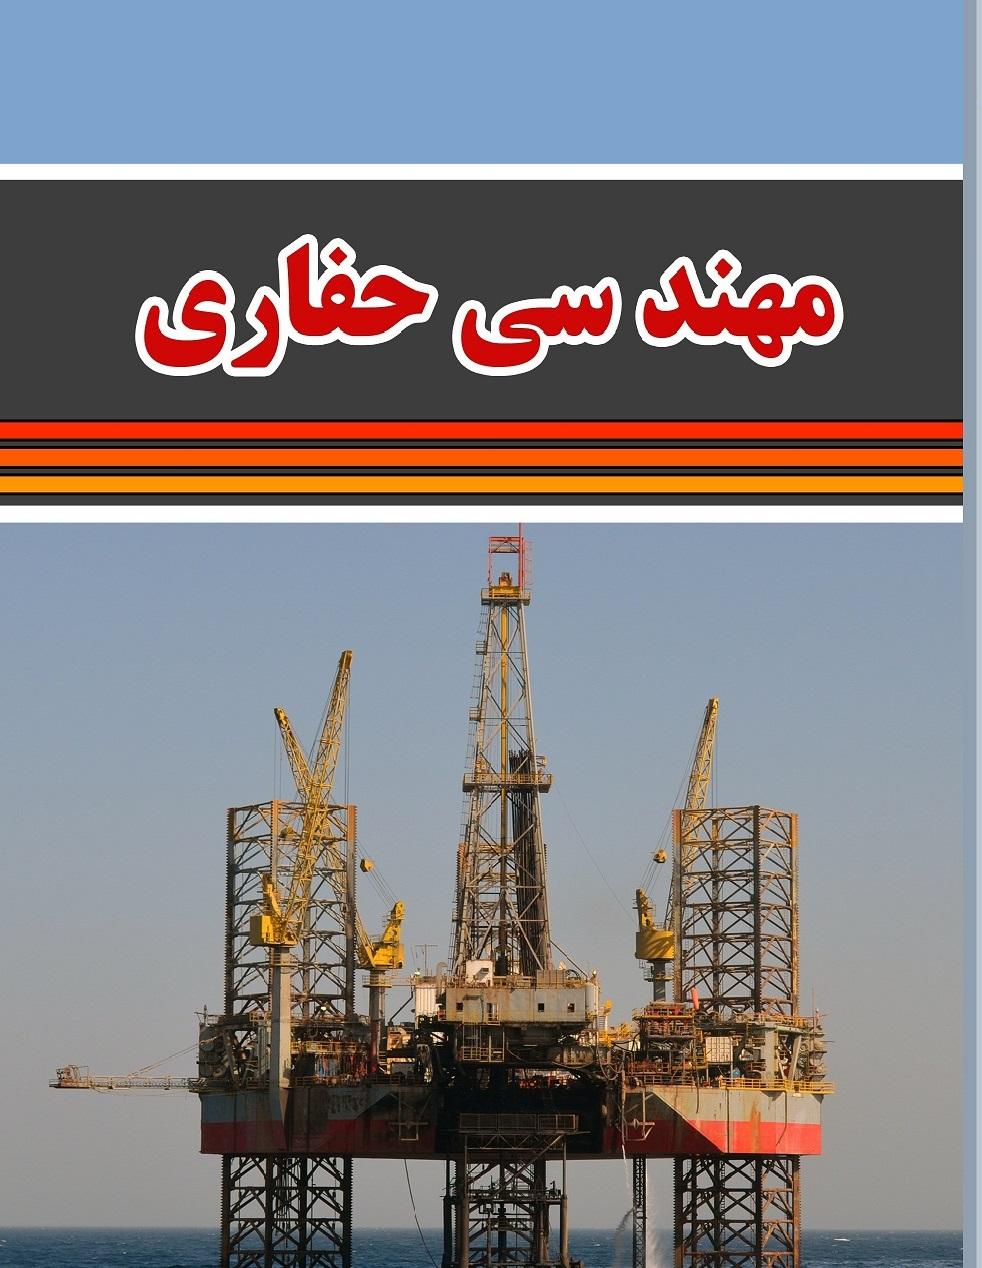 دانلود کتاب مهندسی حفاری (فصل دوازدهم: عملیات کنترل چاه) علیرضا موذنی- محمد نبئی